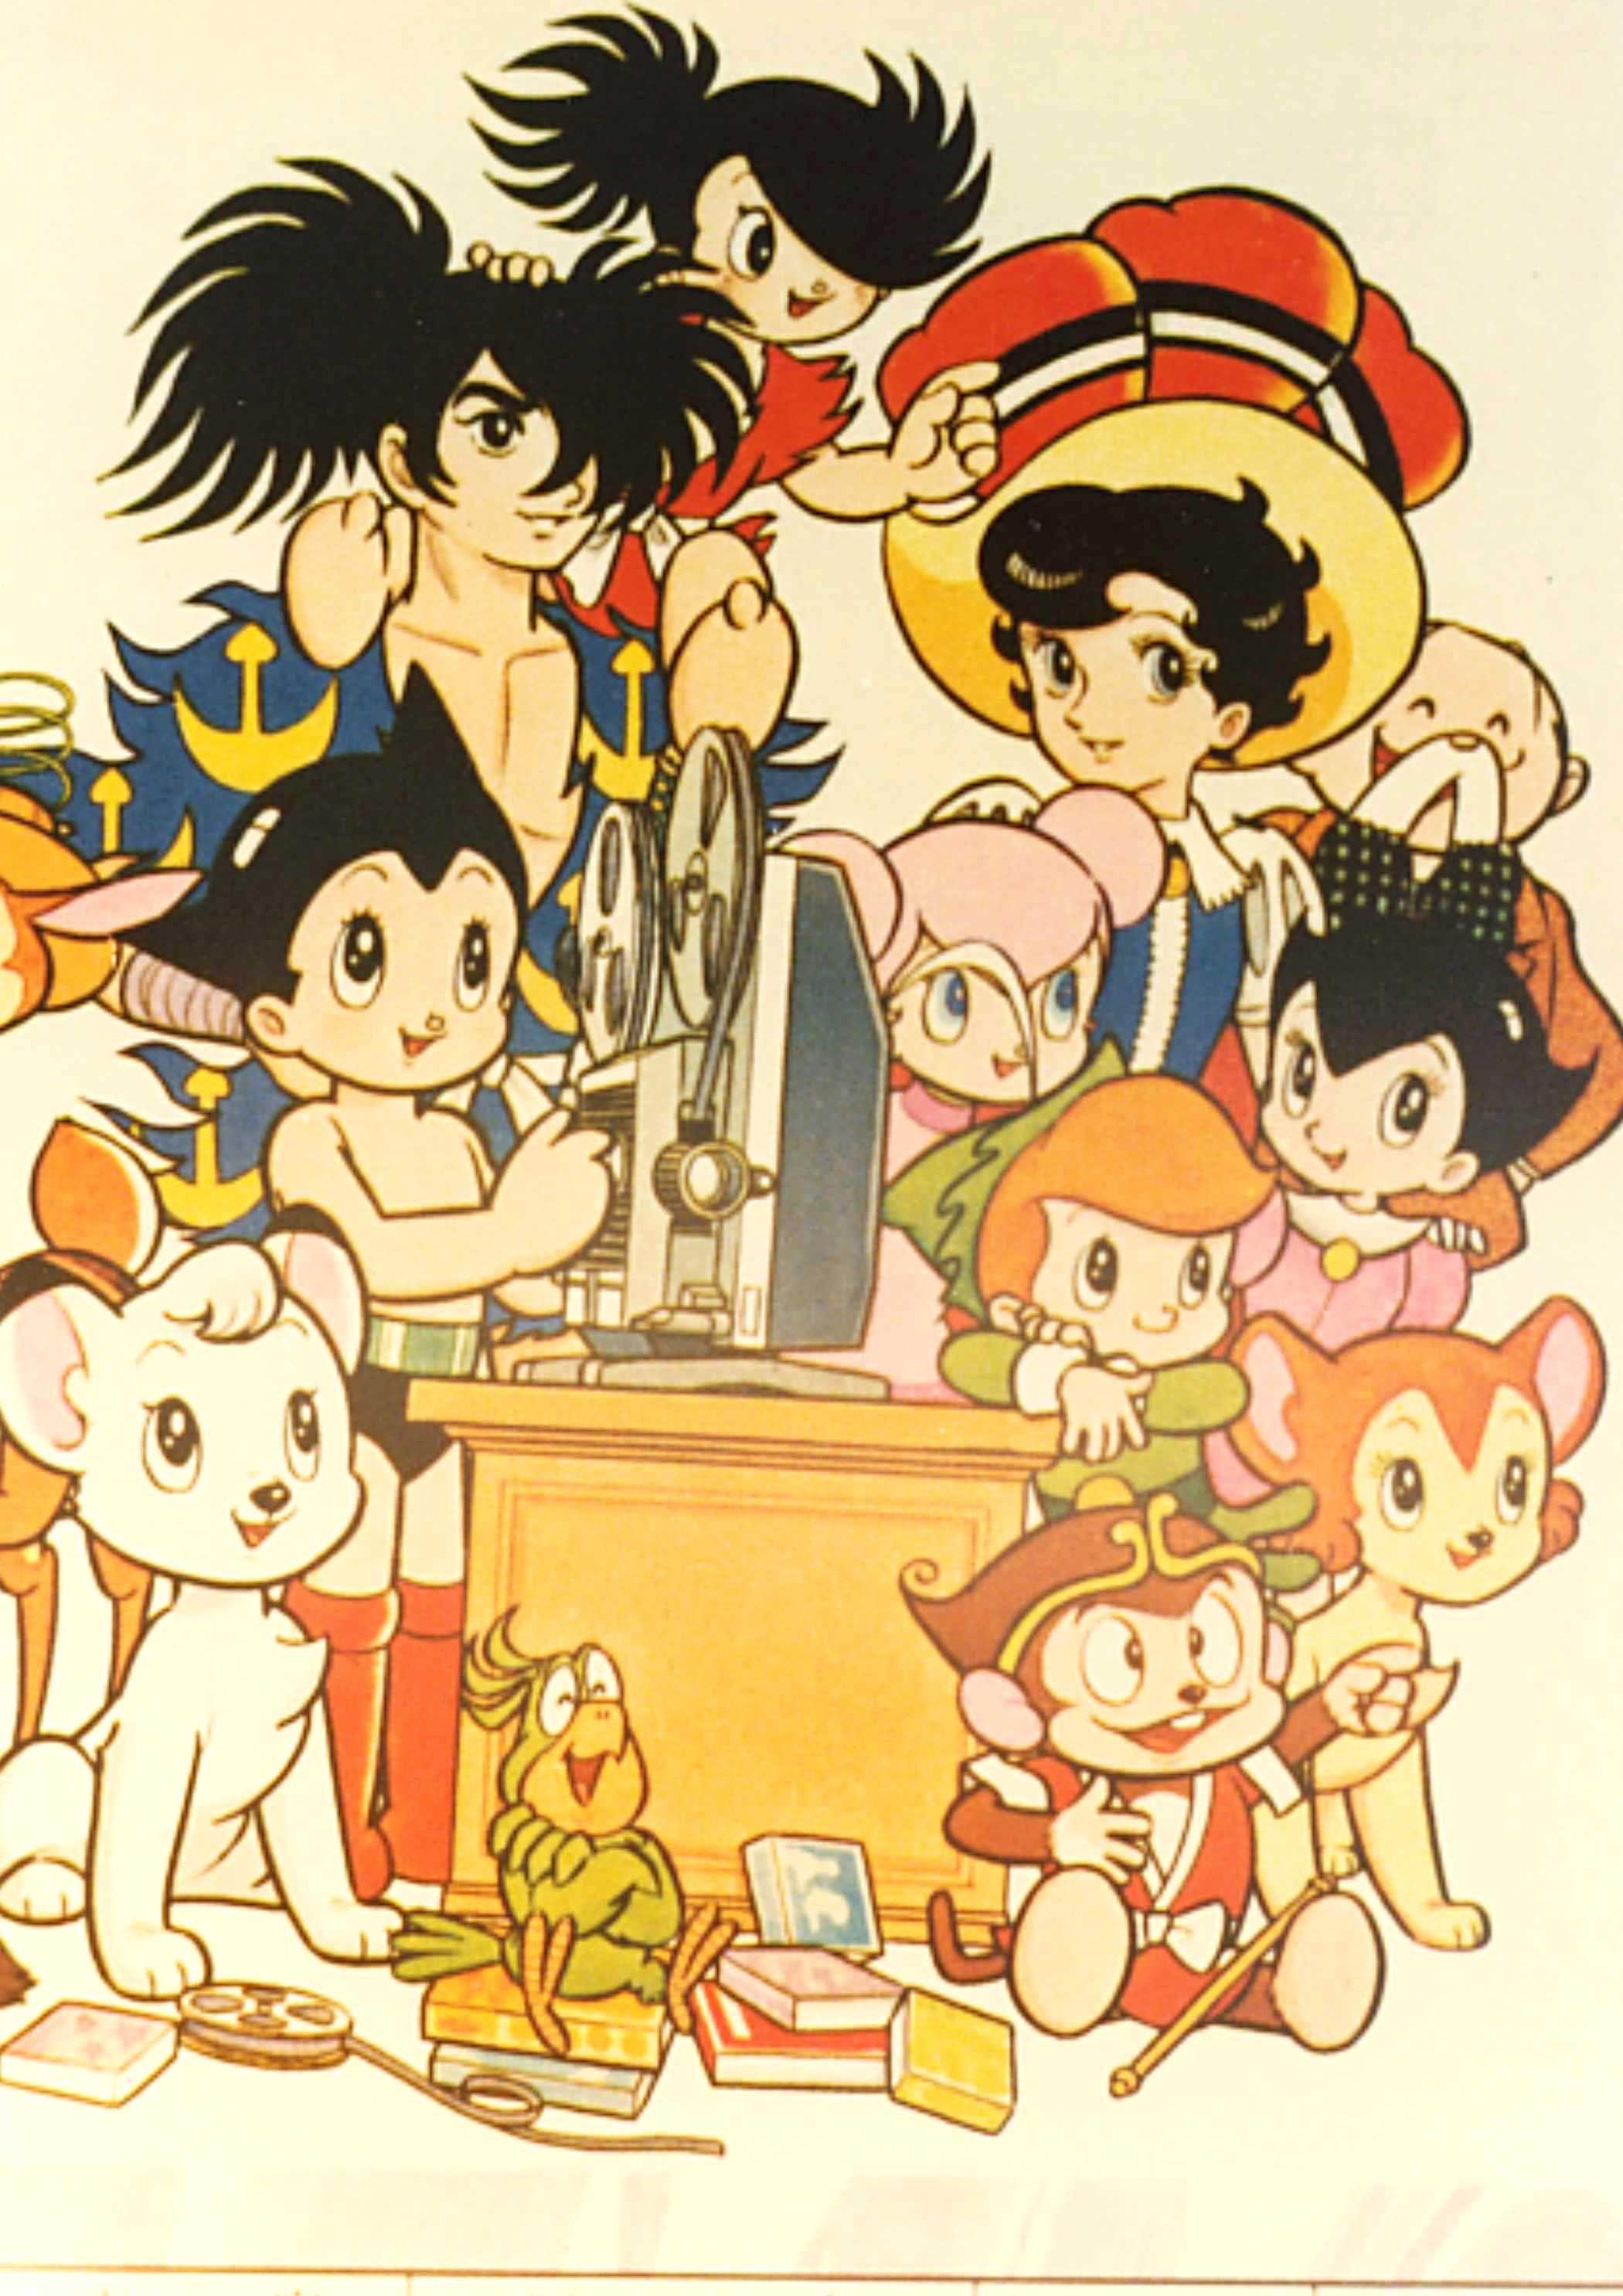 みんなで映画鑑賞 Everyone Watching Movies 昭和 漫画 漫画